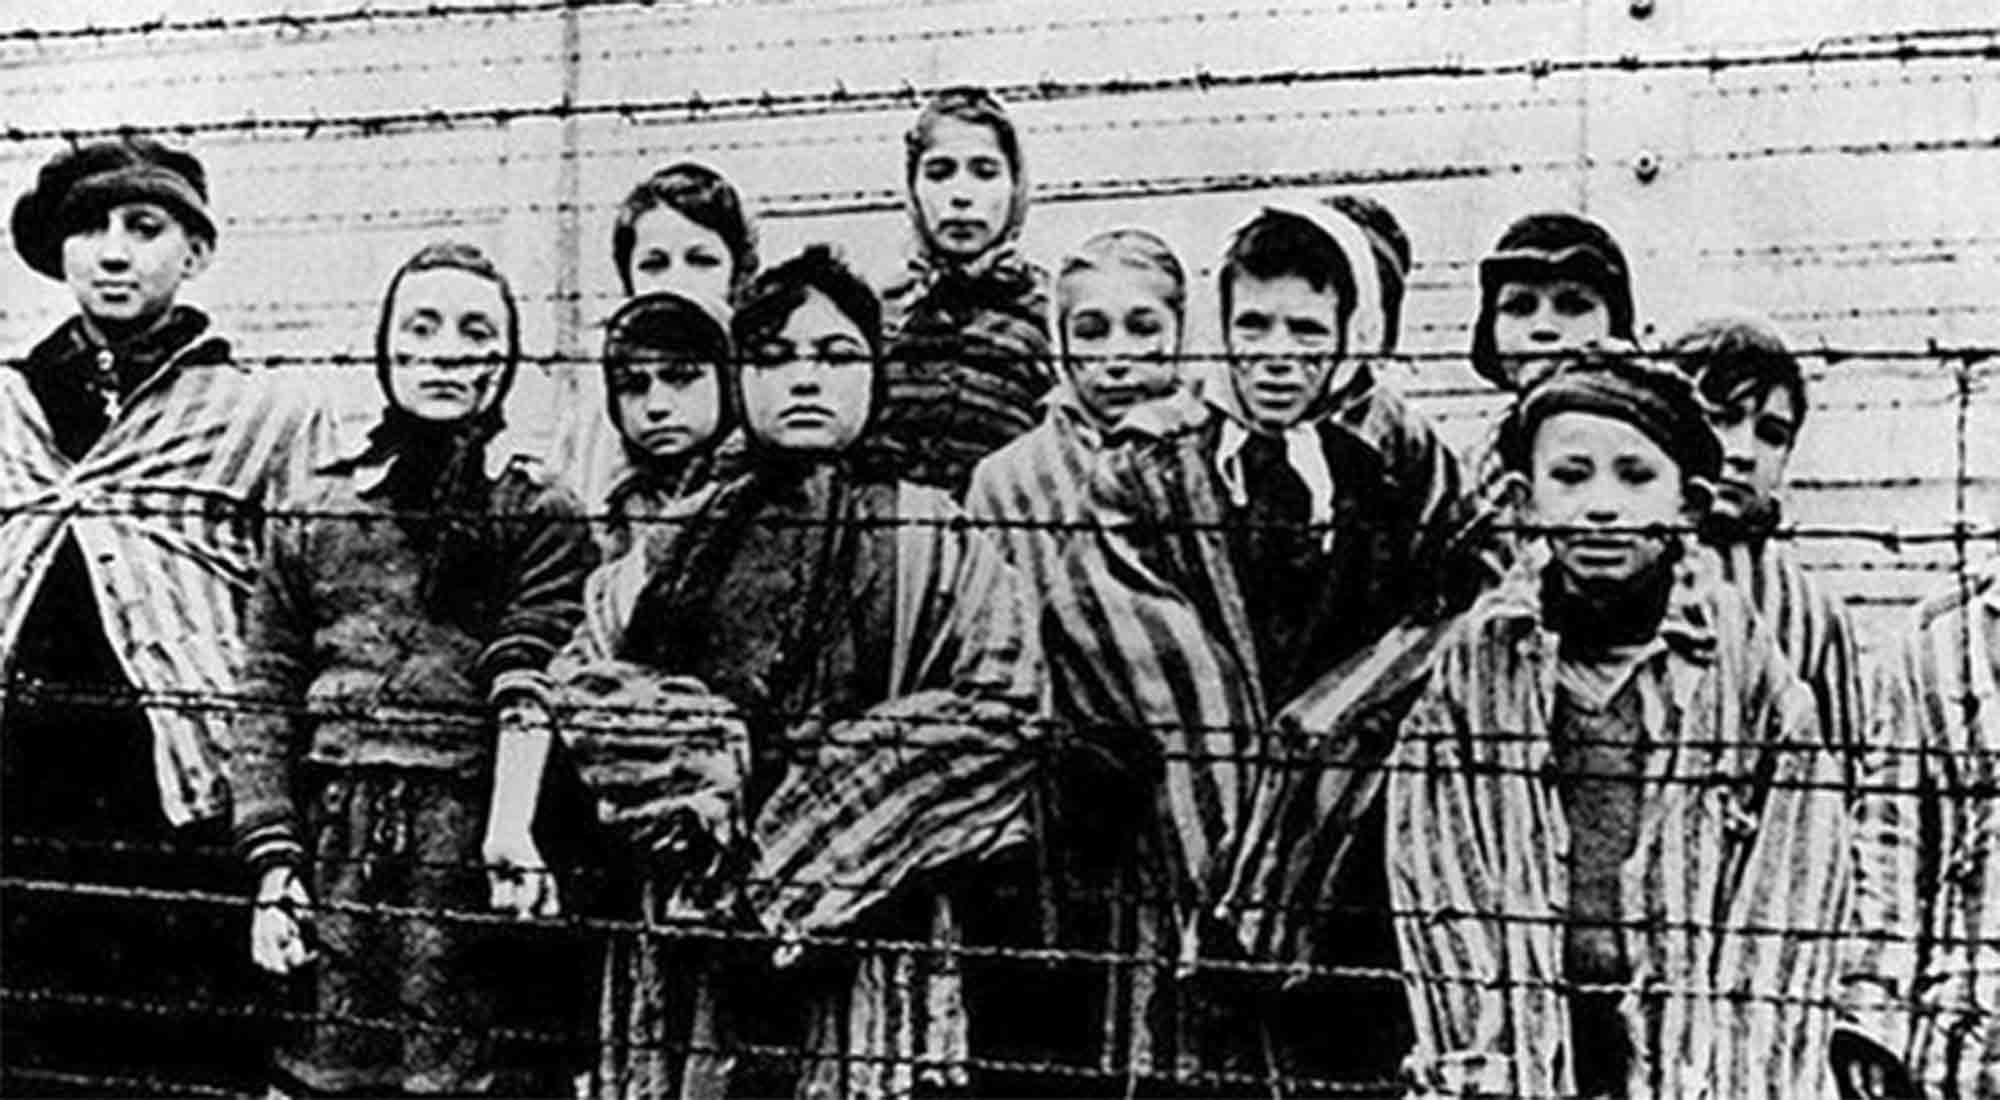 Imagen tomada en 1945 cuando el campo de concentración de Auschwitz fue liberado en Polonia, donde millones de judíos fueron exterminados por los nazis.